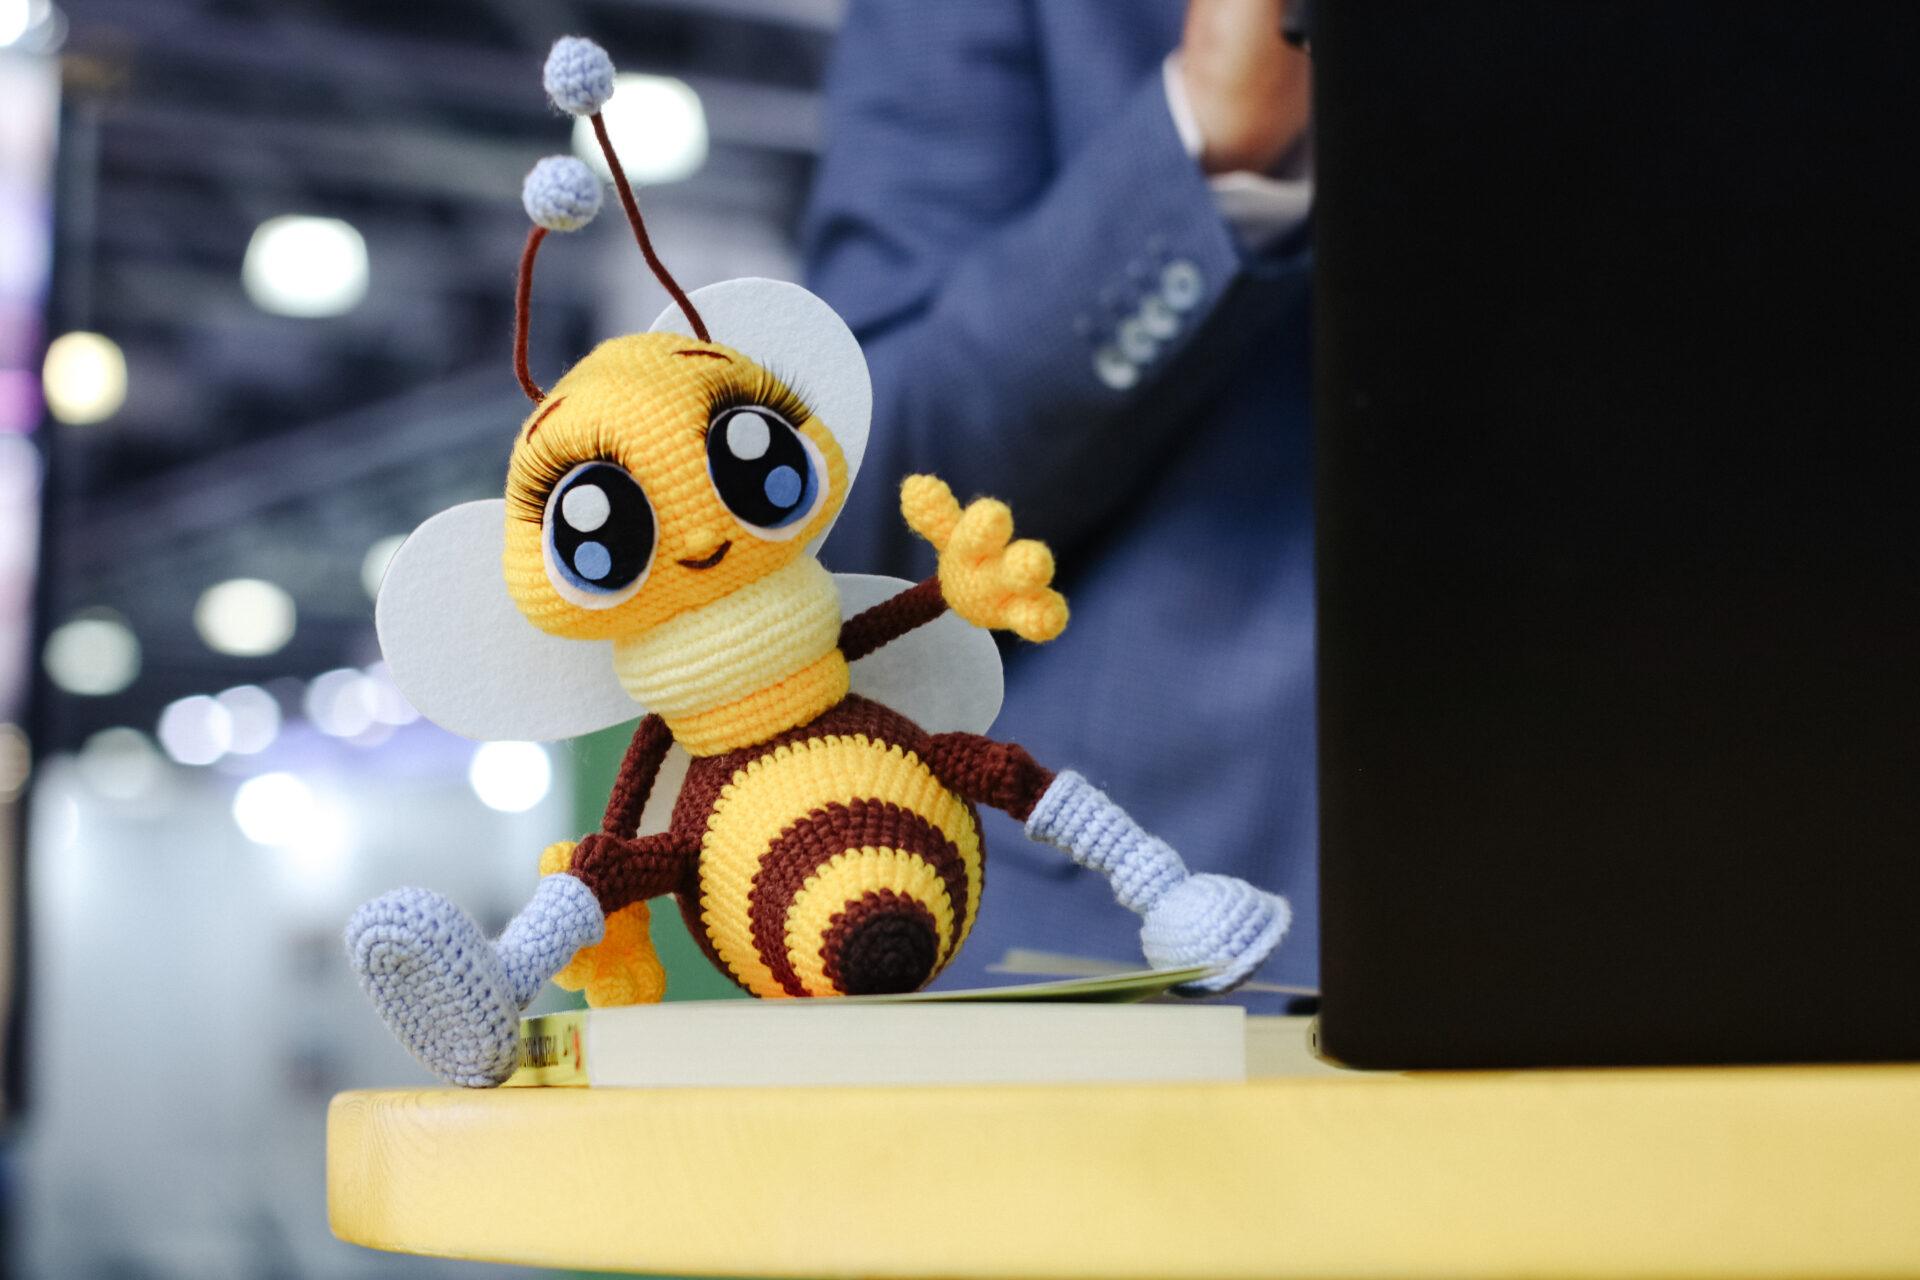 Связанная пчёлка Сота в рамках мастер-класса по вязанию